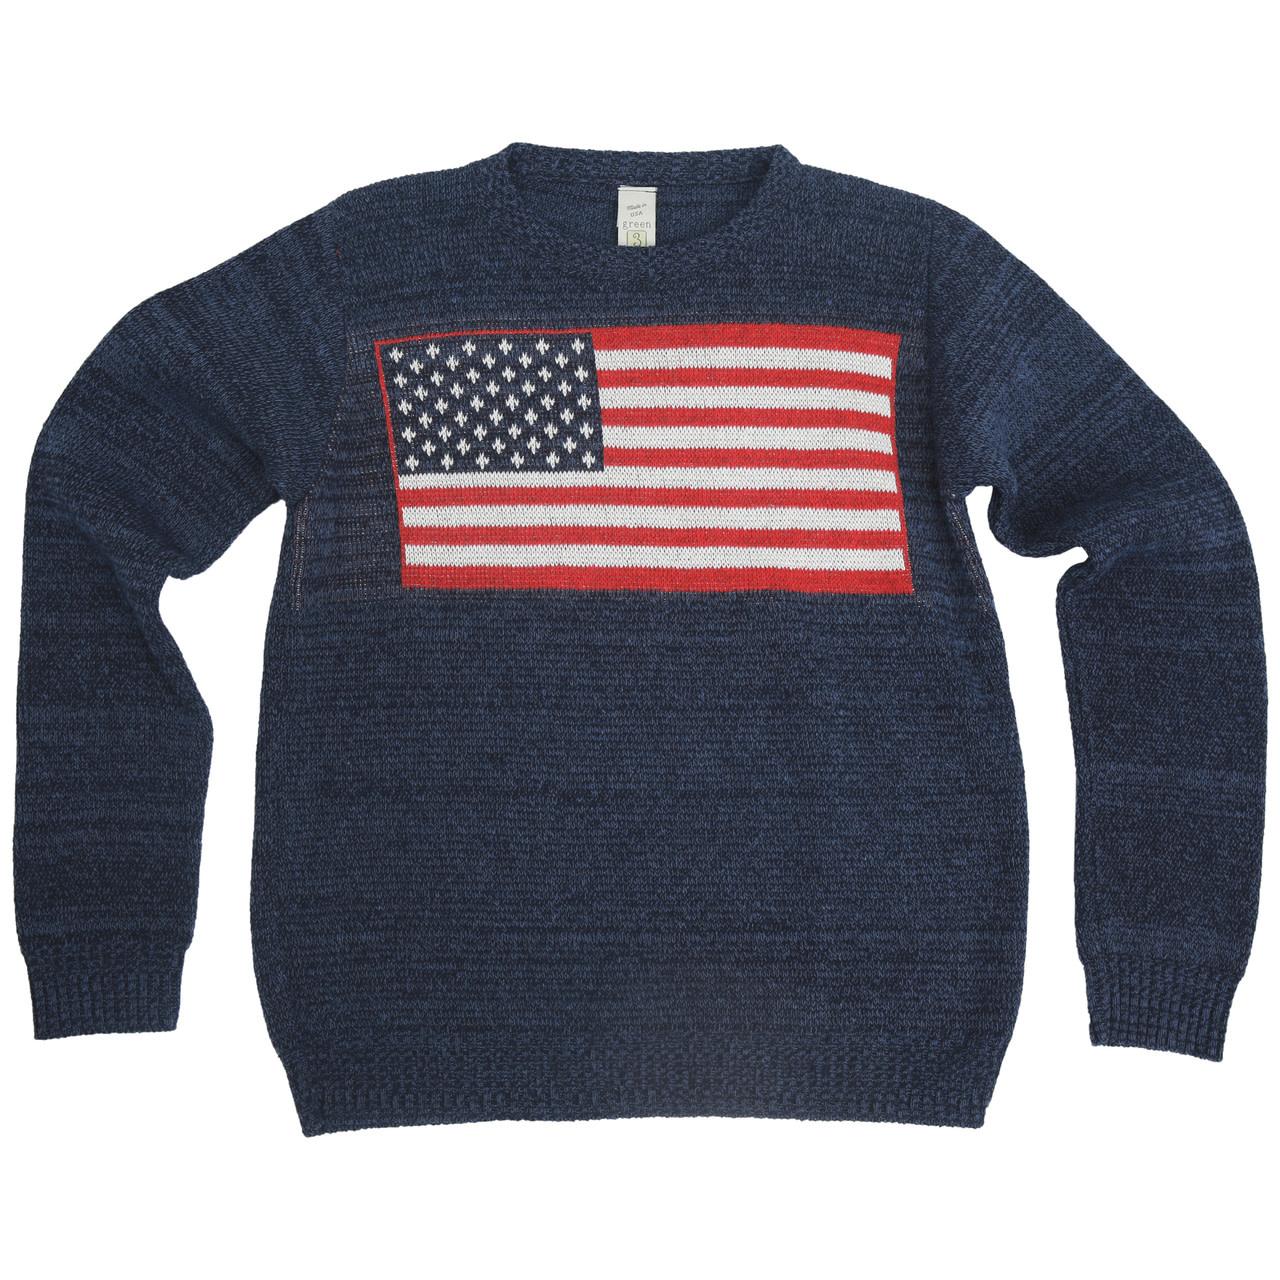 Green 3 Apparel American Crew Sweater